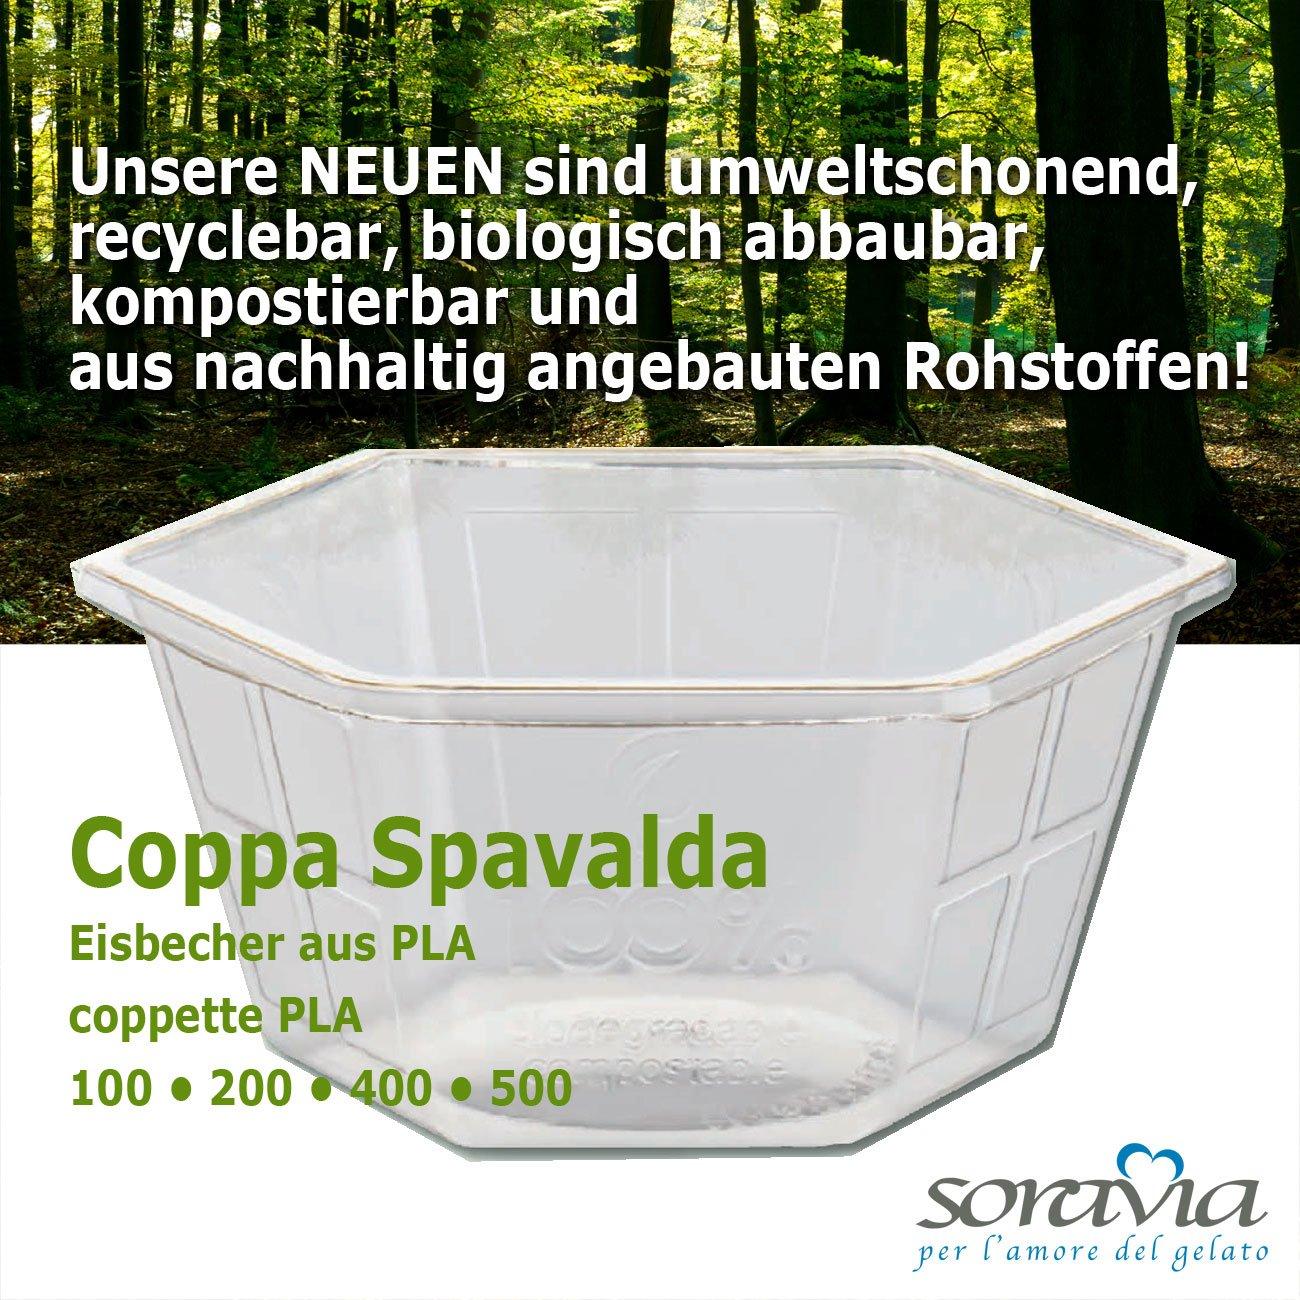 Coppa Spavalda 500 PLA - box 600 pieces - Ice cup Bio-Plastic - coppa plastica PLA